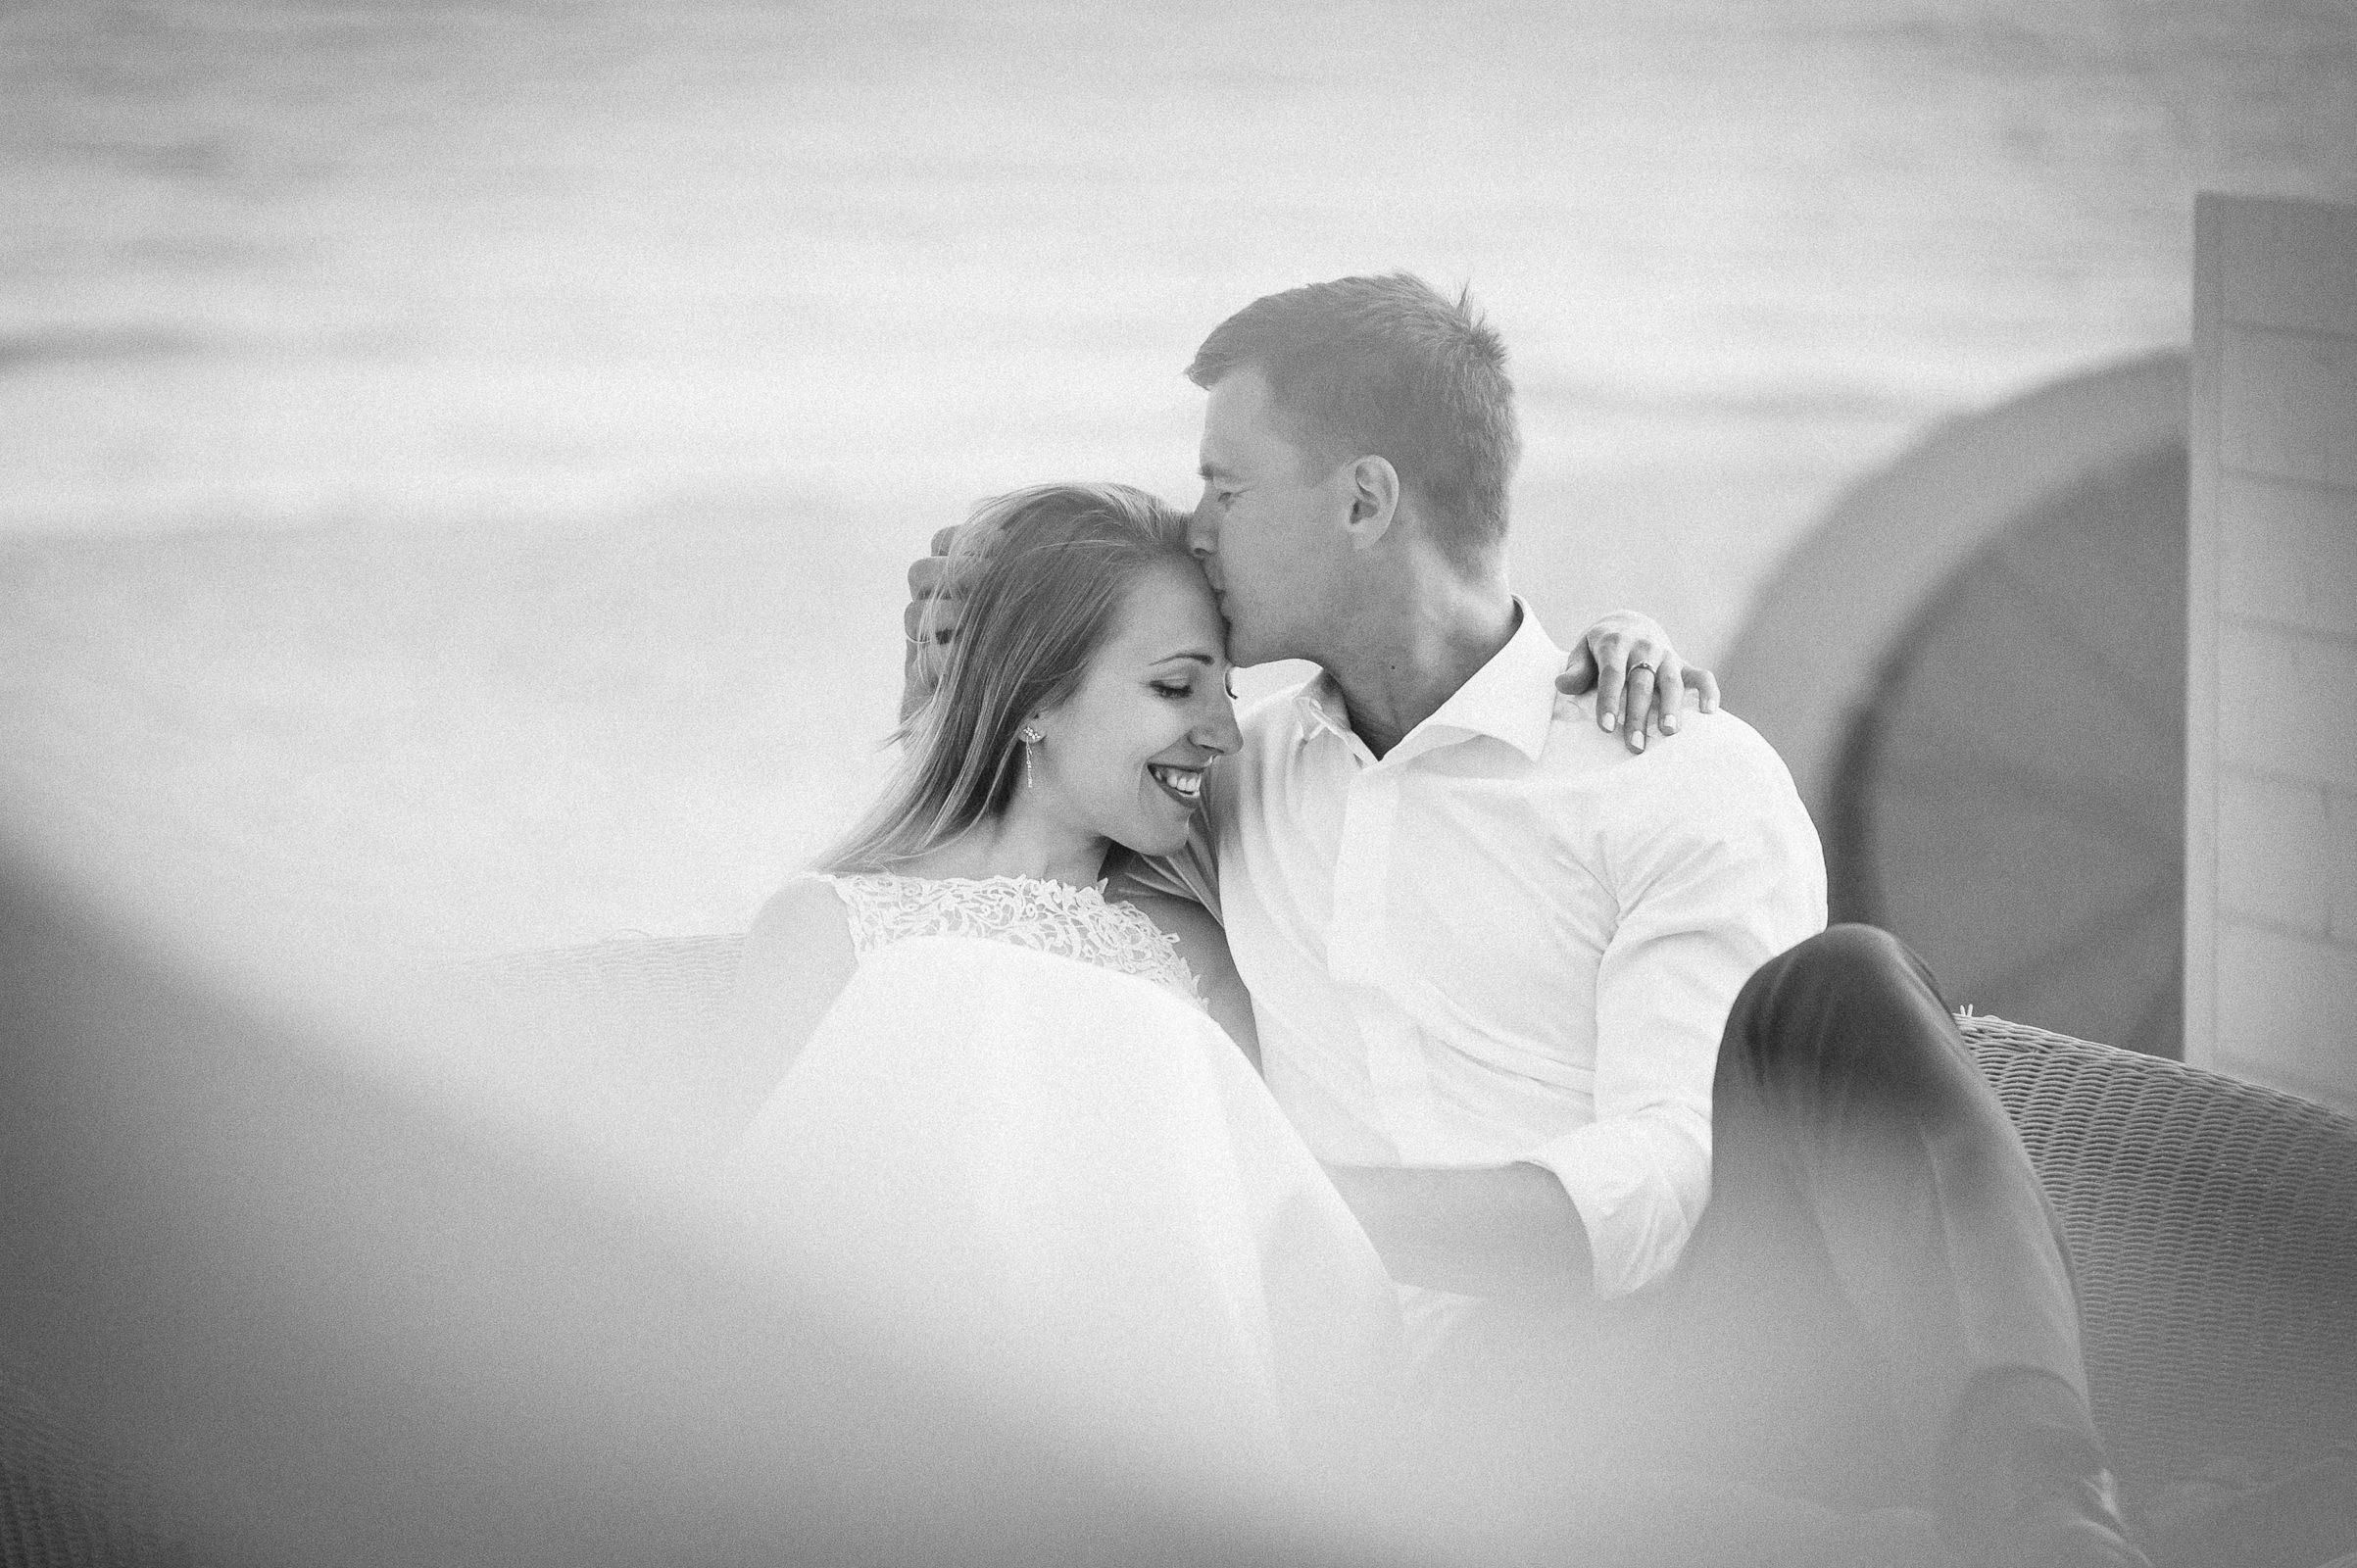 ukradkowe ujęcie na chwilę czułości podczas sesji ślubnej w plenerze